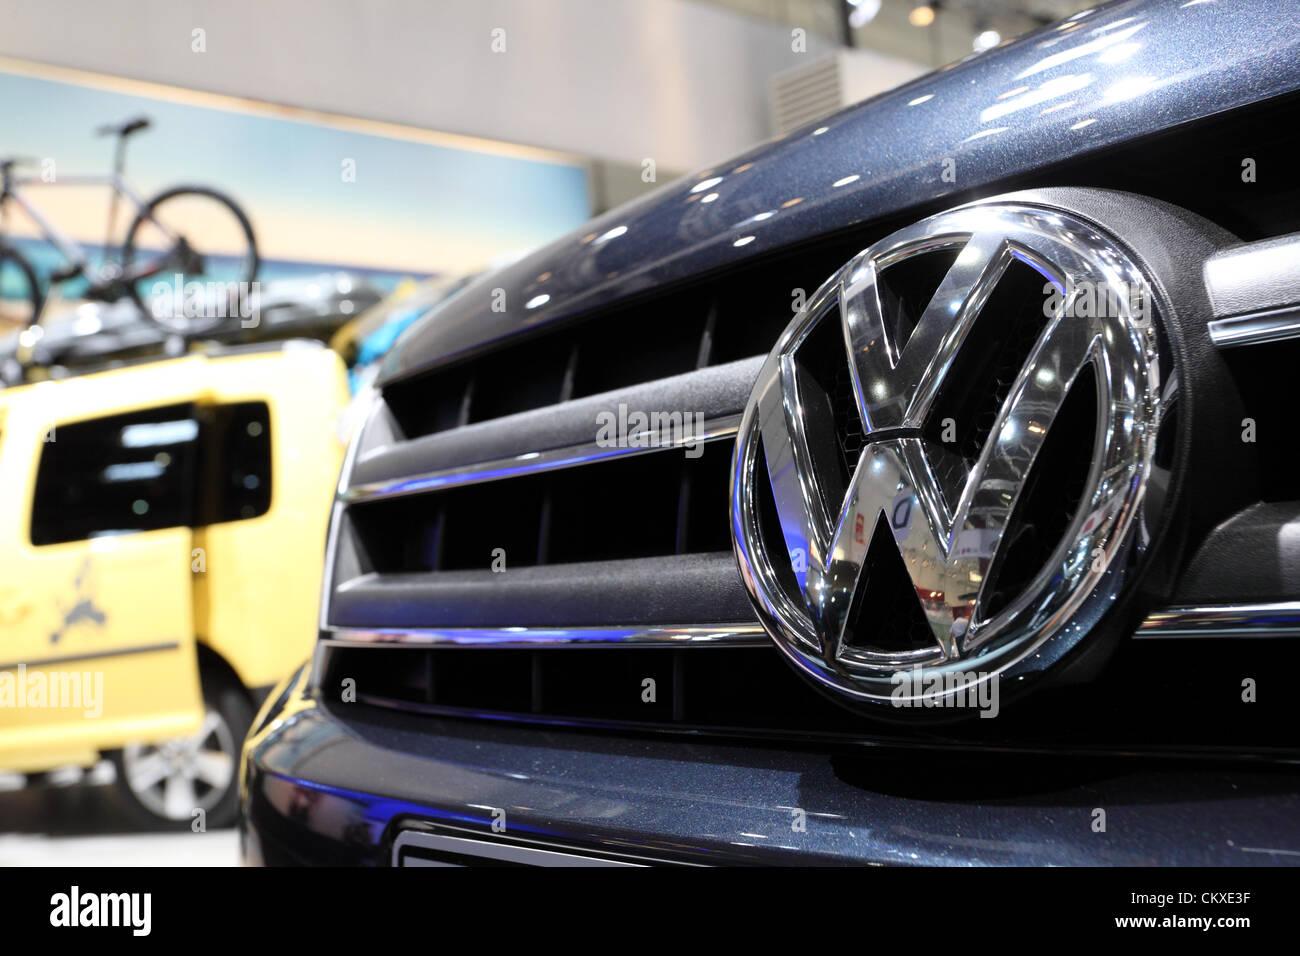 August 27, 2012 in Dusseldorf, Germany. Volkswagen logo at the Caravan Salon Exhibition 2012. - Stock Image